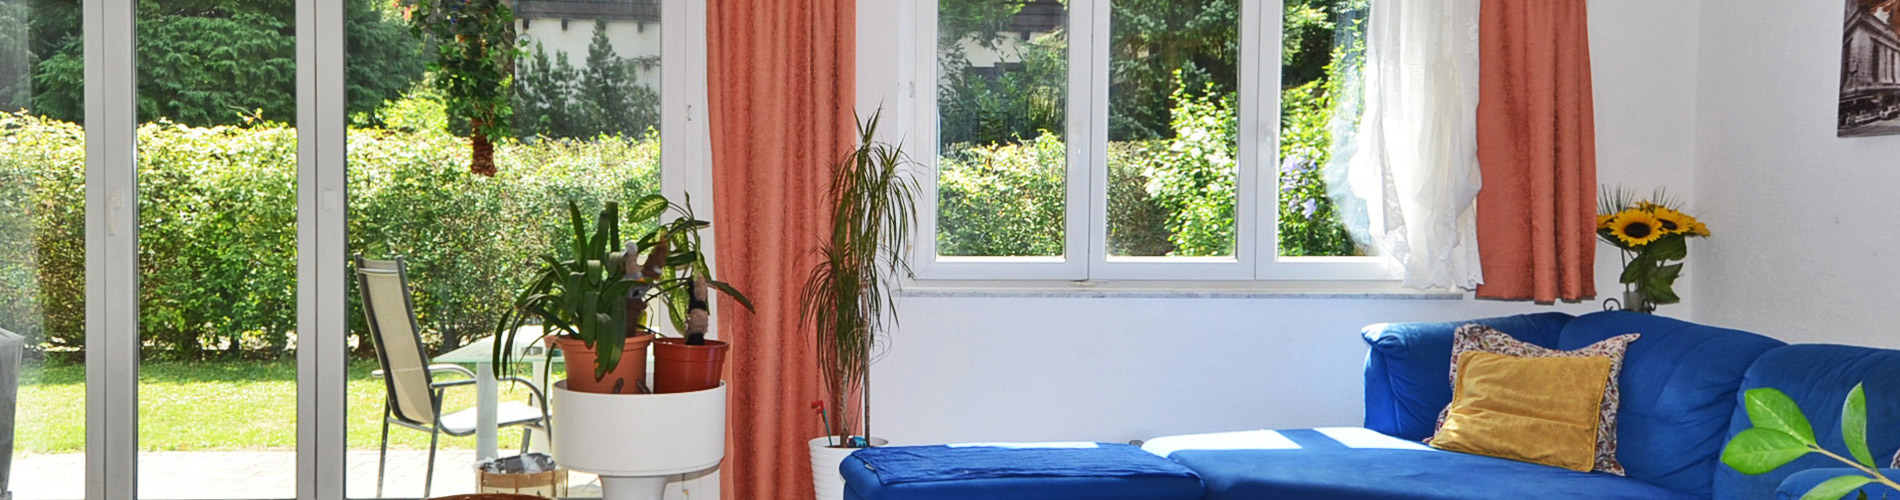 5.5-Zi'-Reihen-Eckhaus in familienfreundlicher Umgebung an ruhiger Lage, Nähe Birs